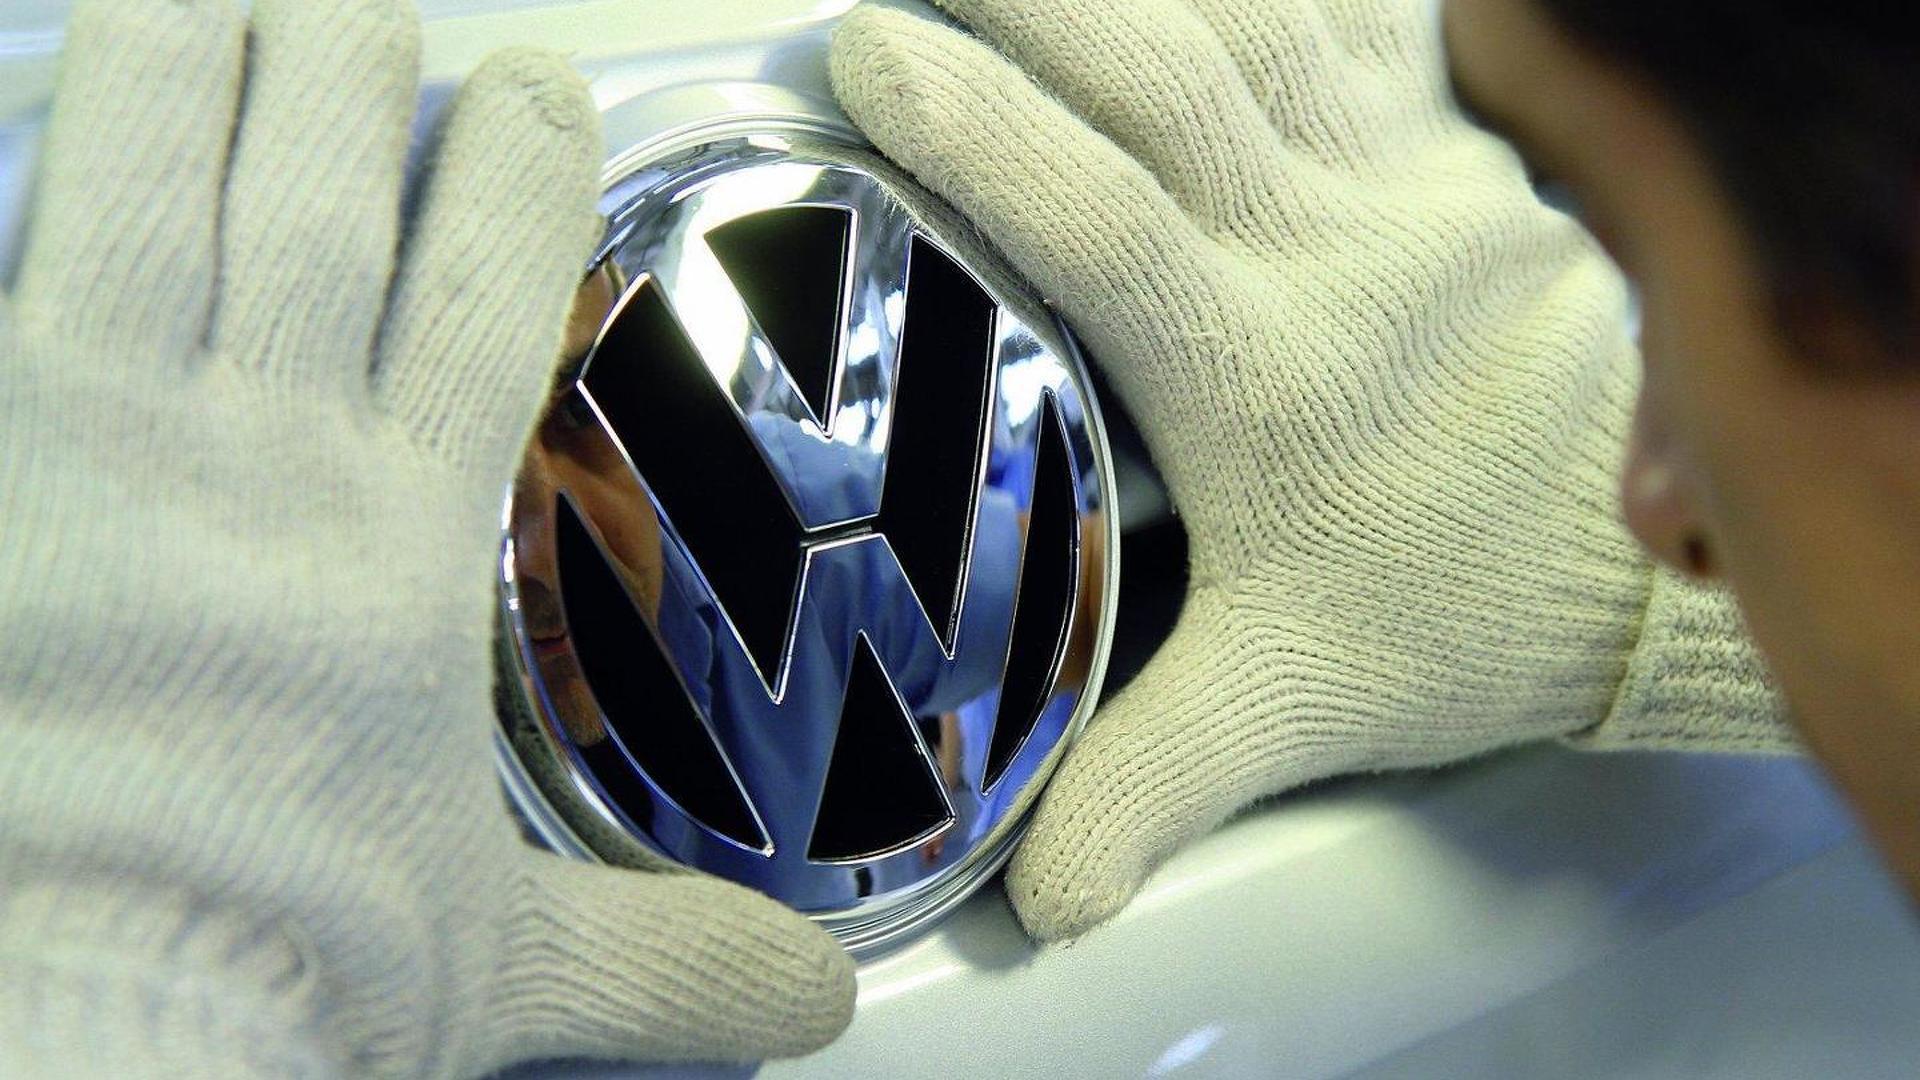 Porsche buys part of Suzuki's stake in Volkswagen